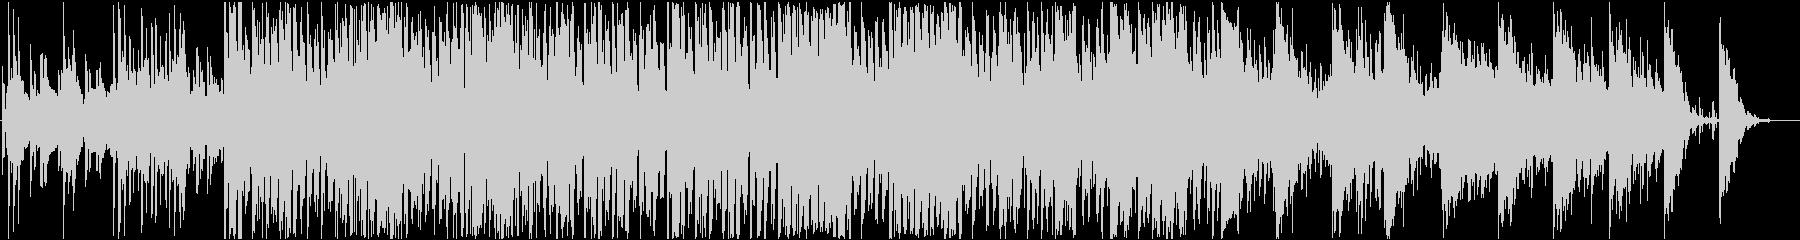 メロウなEDMの未再生の波形